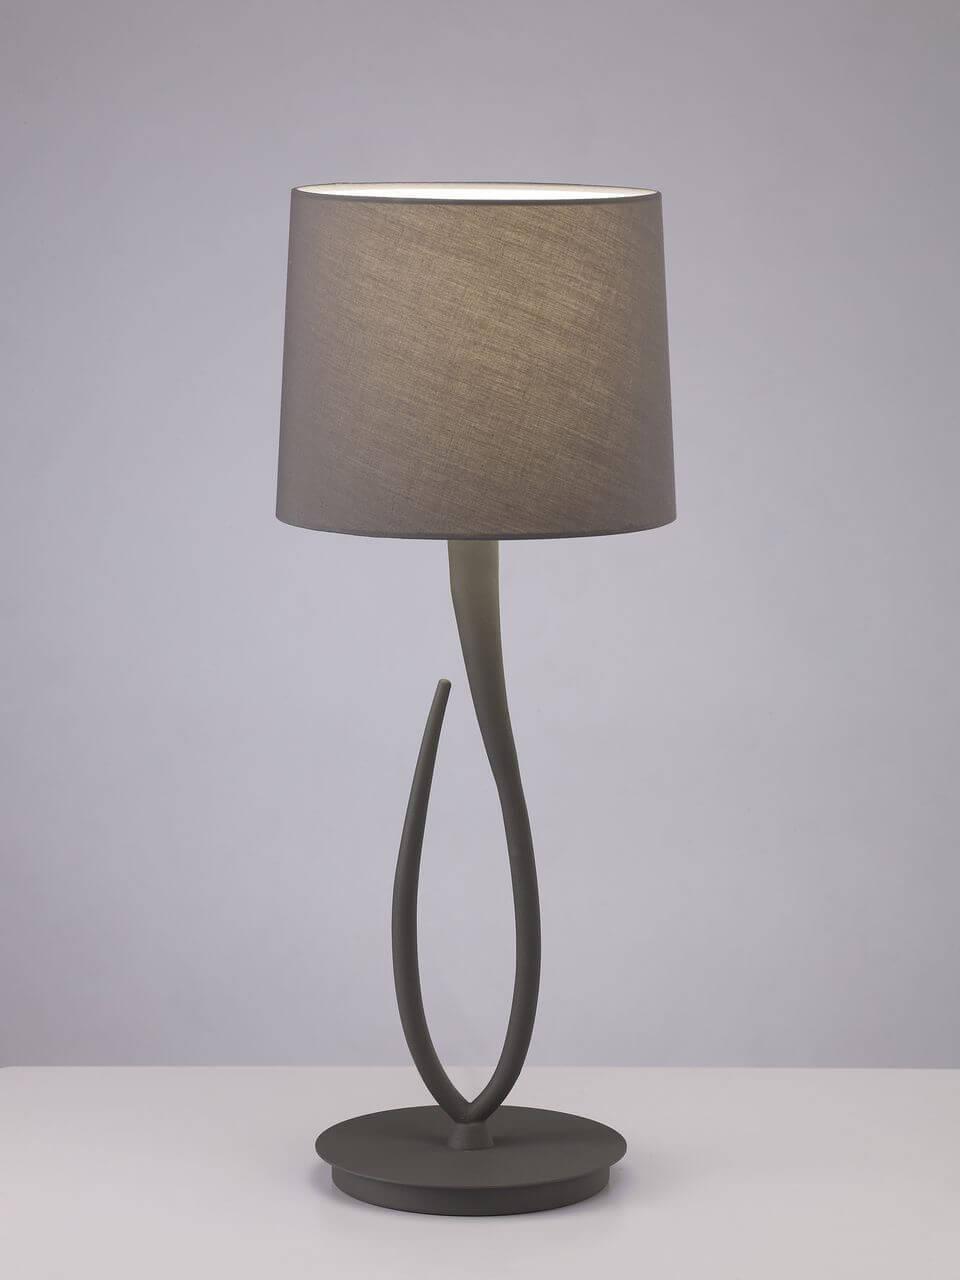 Настольный светильник Mantra 3688, E27, 13 Вт настольная лампа mantra 3688